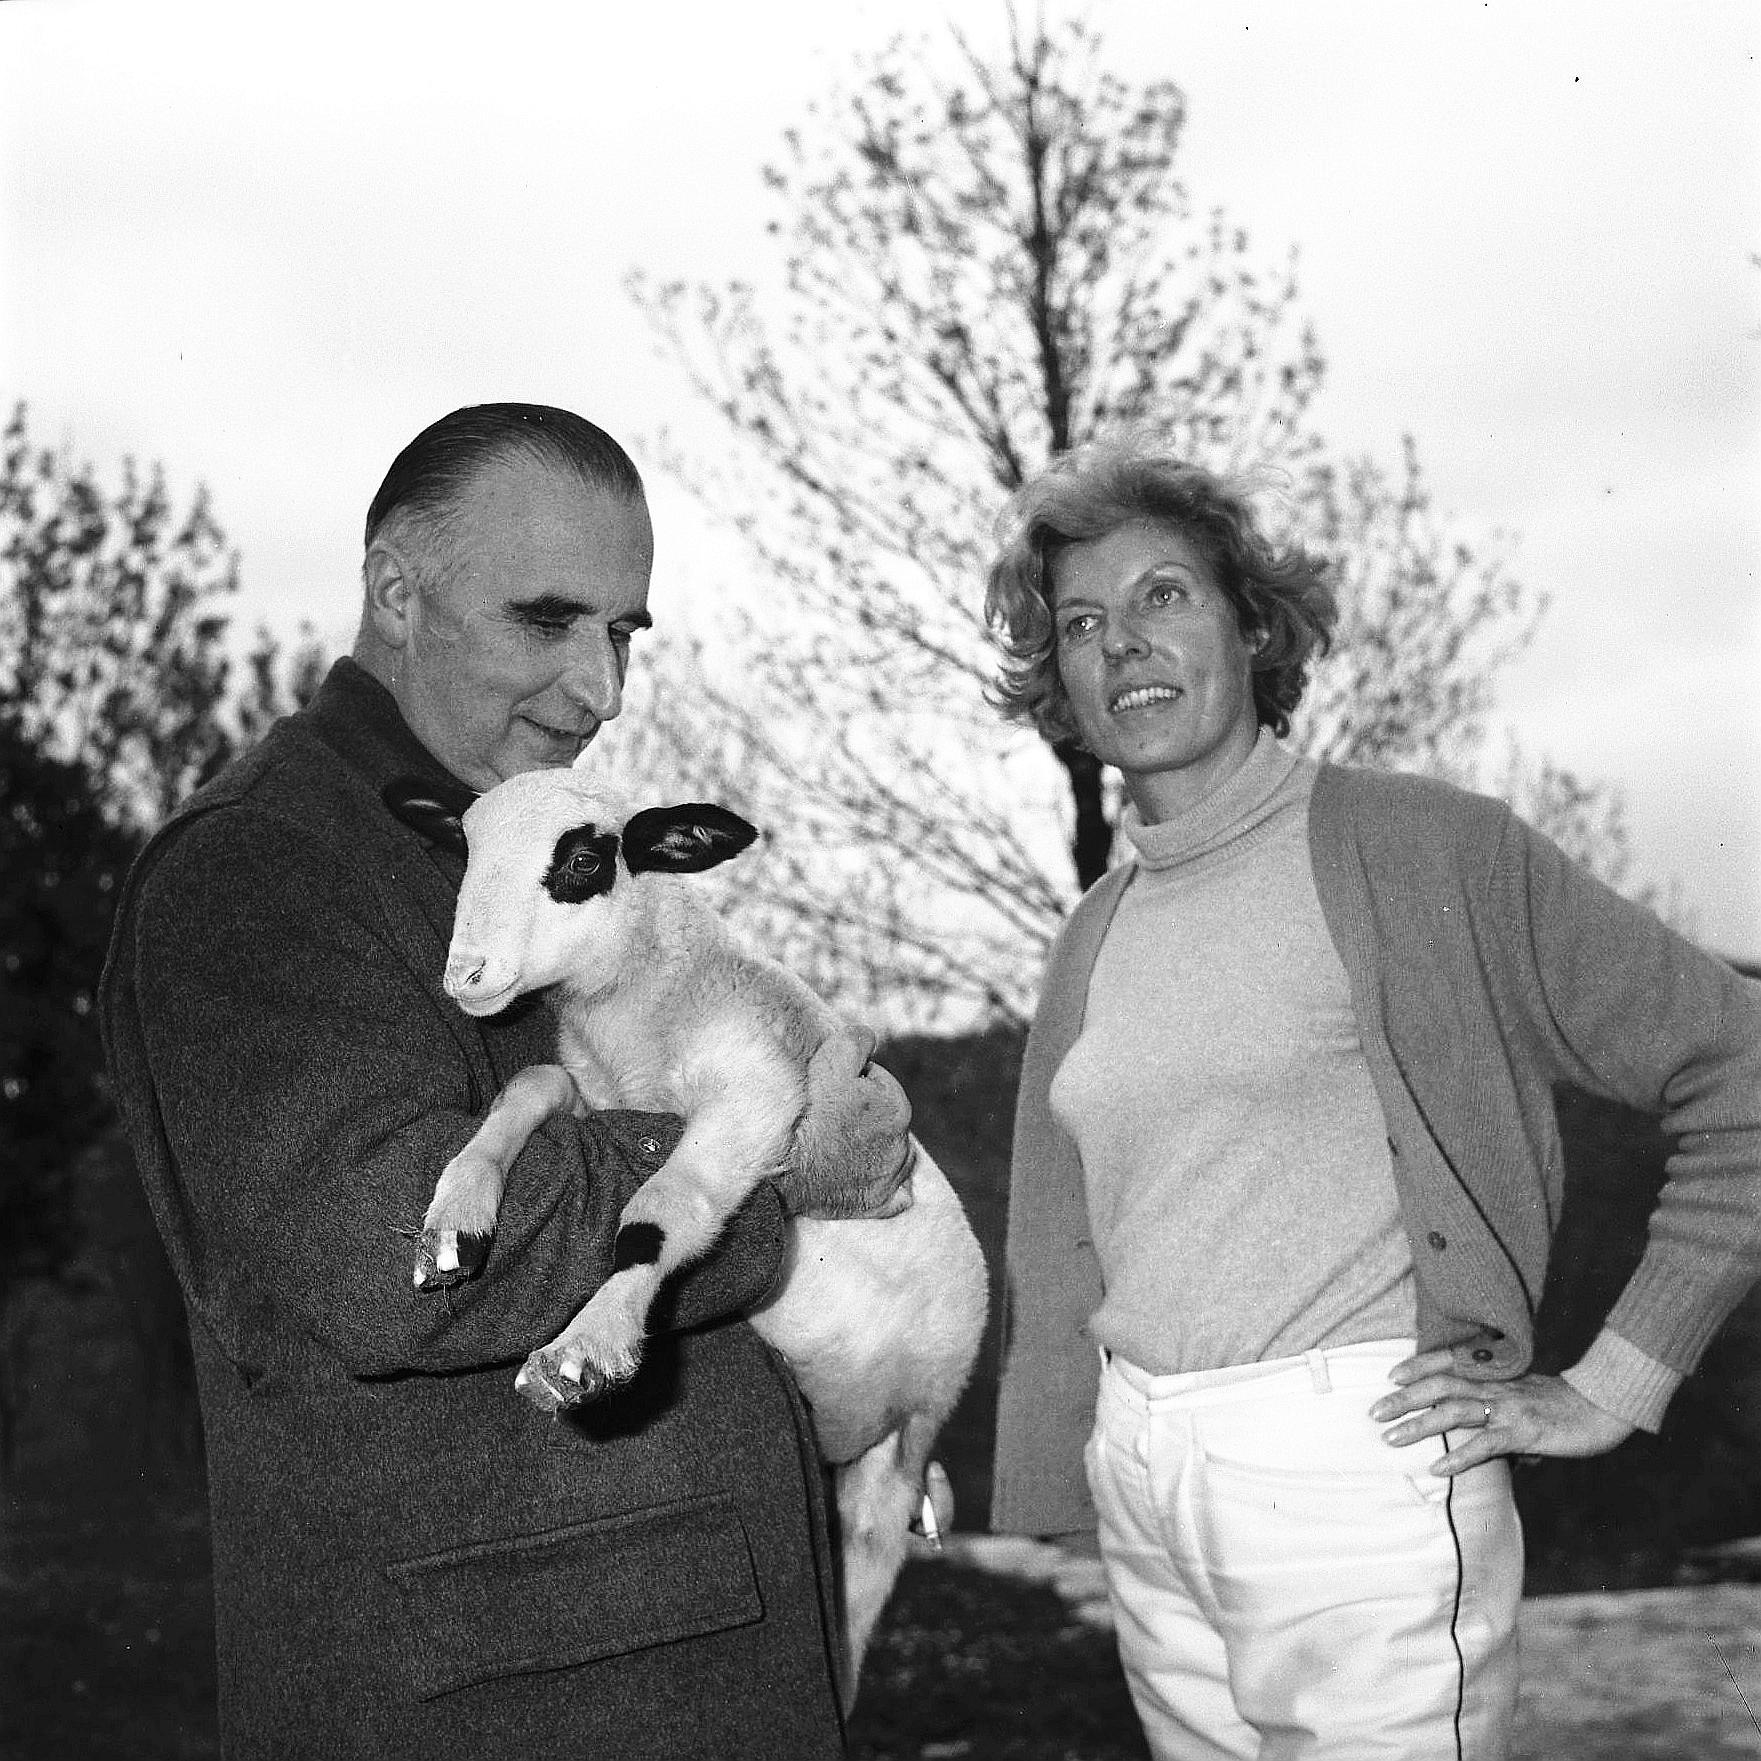 Georges Pompidou z żoną Claude w Cajarc (1965). Fot. André Cros. CC BY-SA 4.0